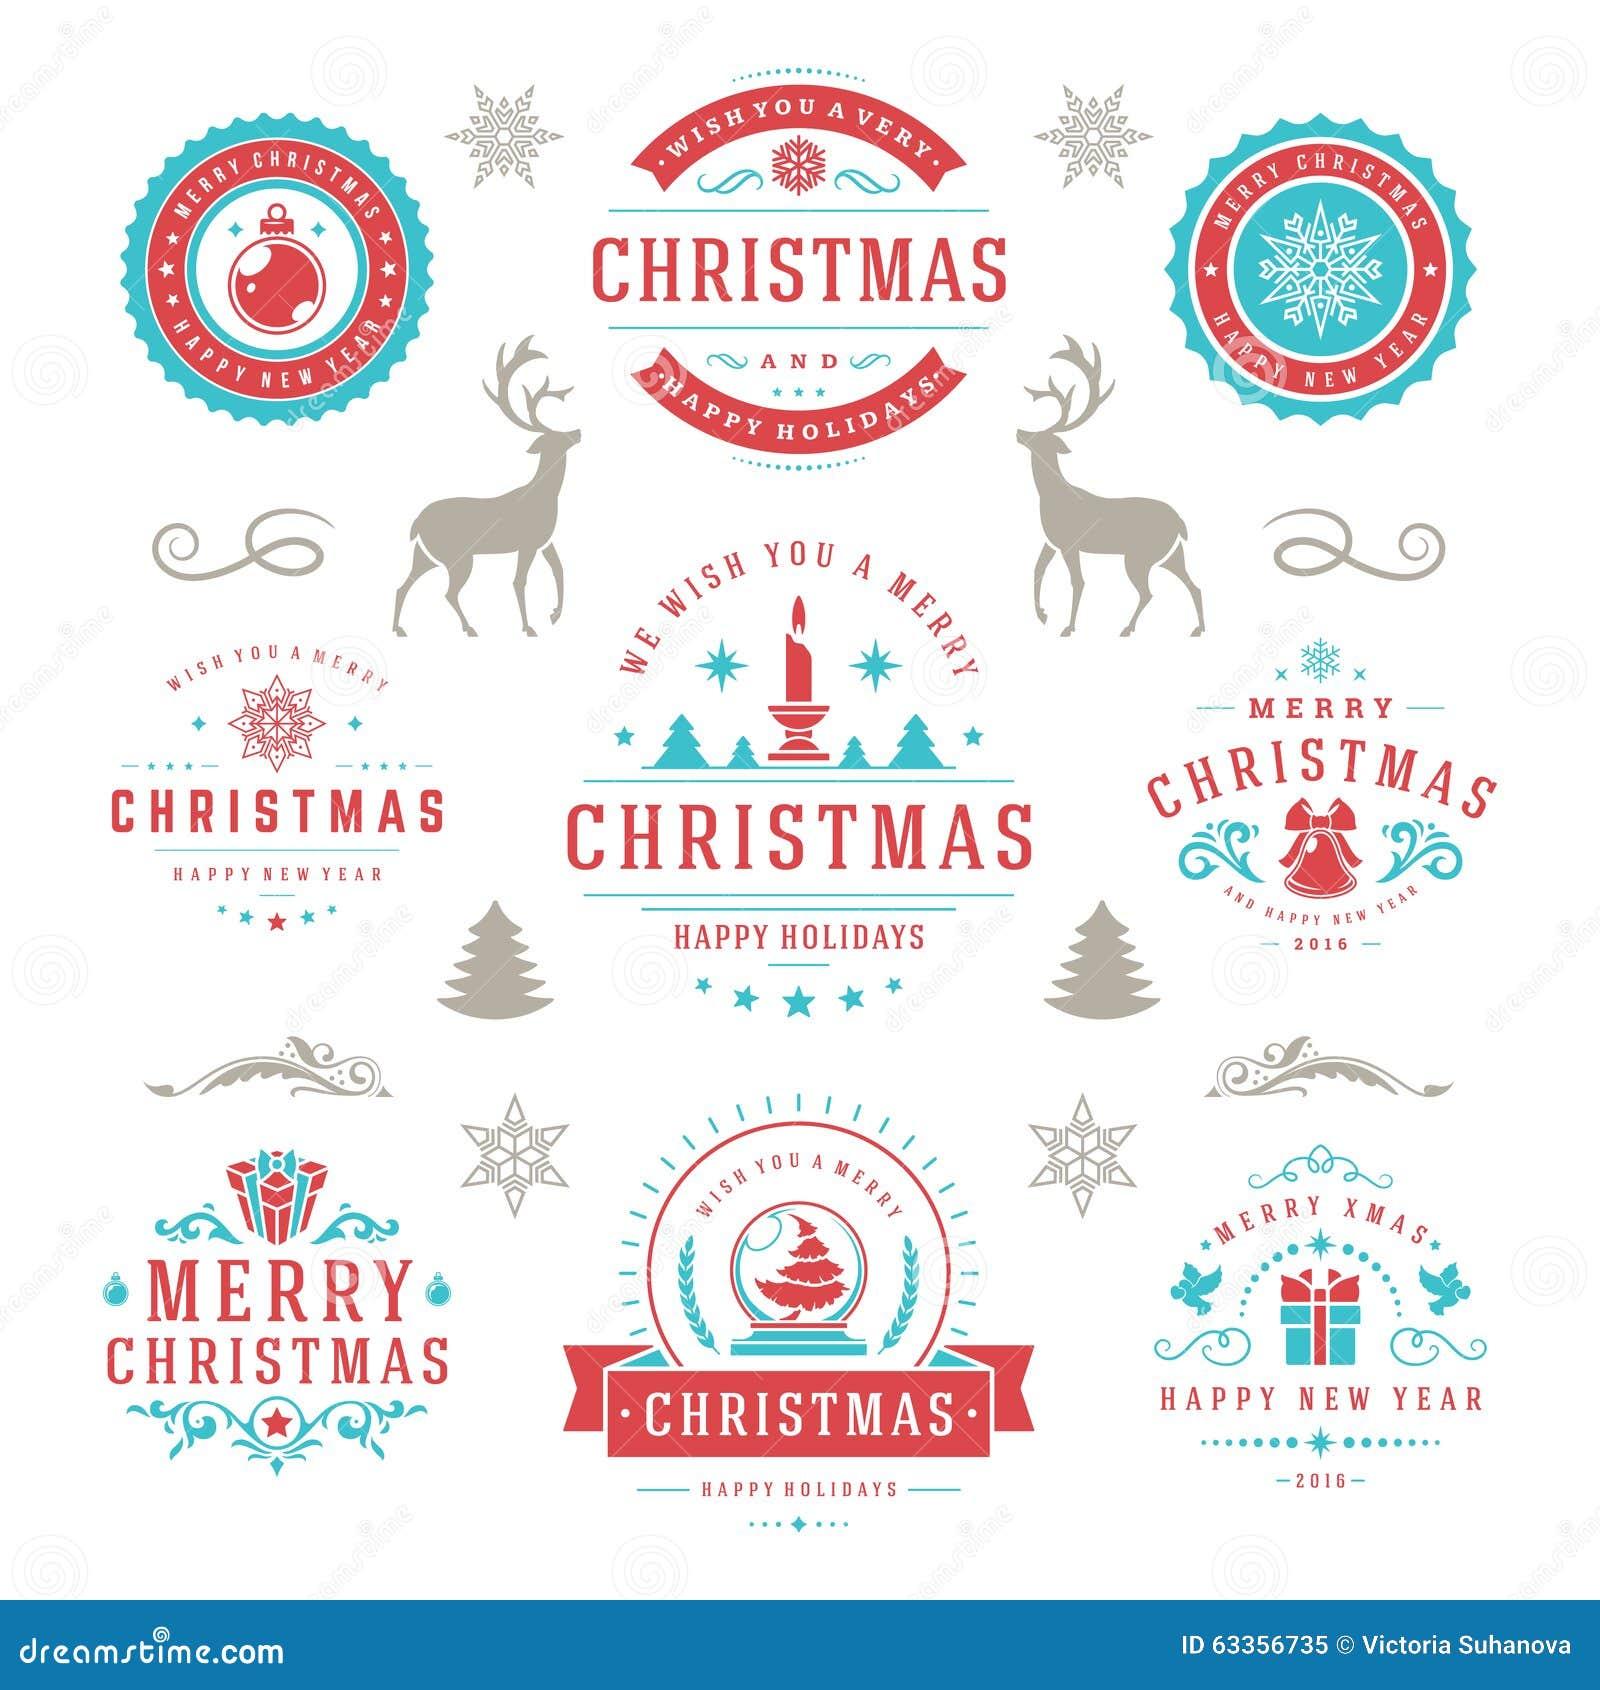 Weihnachten Wunsch.Wünsche Der Frohen Weihnachten Und Des Glücklichen Neuen Jahres